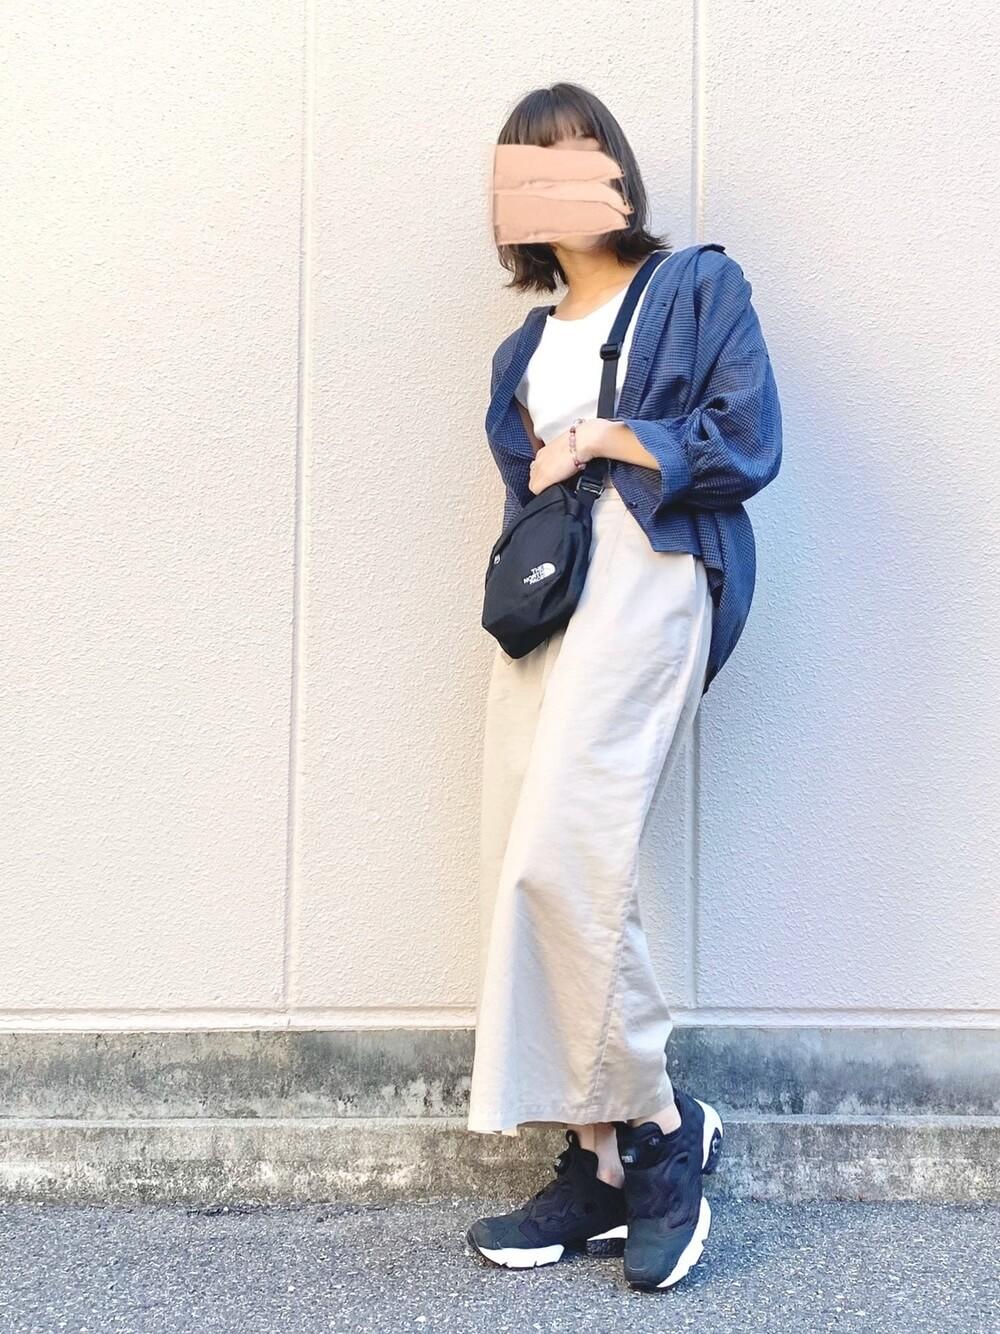 ポンプフューリー×ブルーのブラウス×白のノースリーブシャツ×Aラインスカート